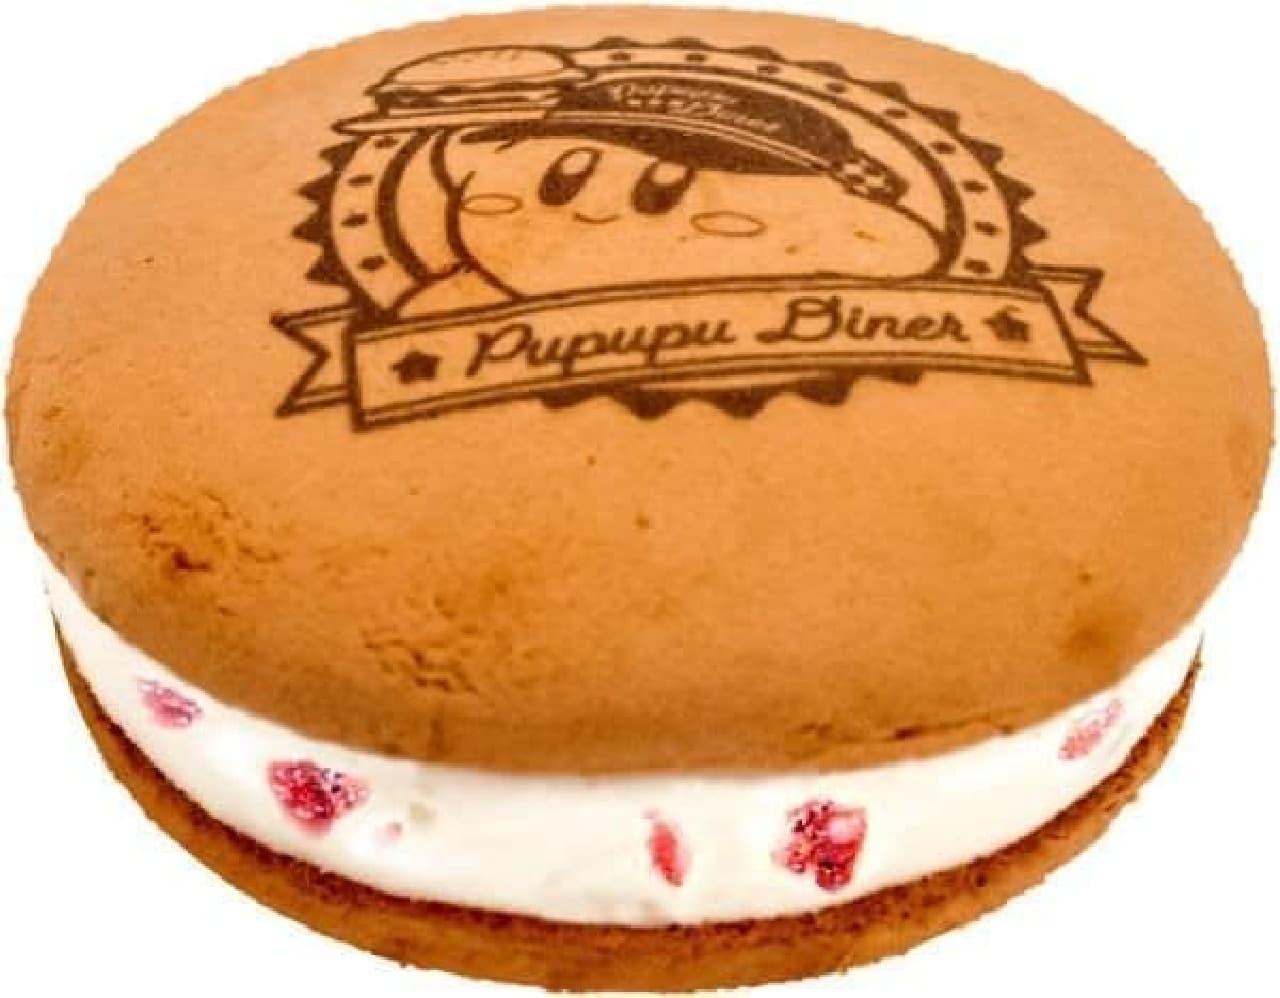 コールド・ストーン・クリーマリー「星のカービィ PUPUPU Dinerのストロベリーアイスサンド」